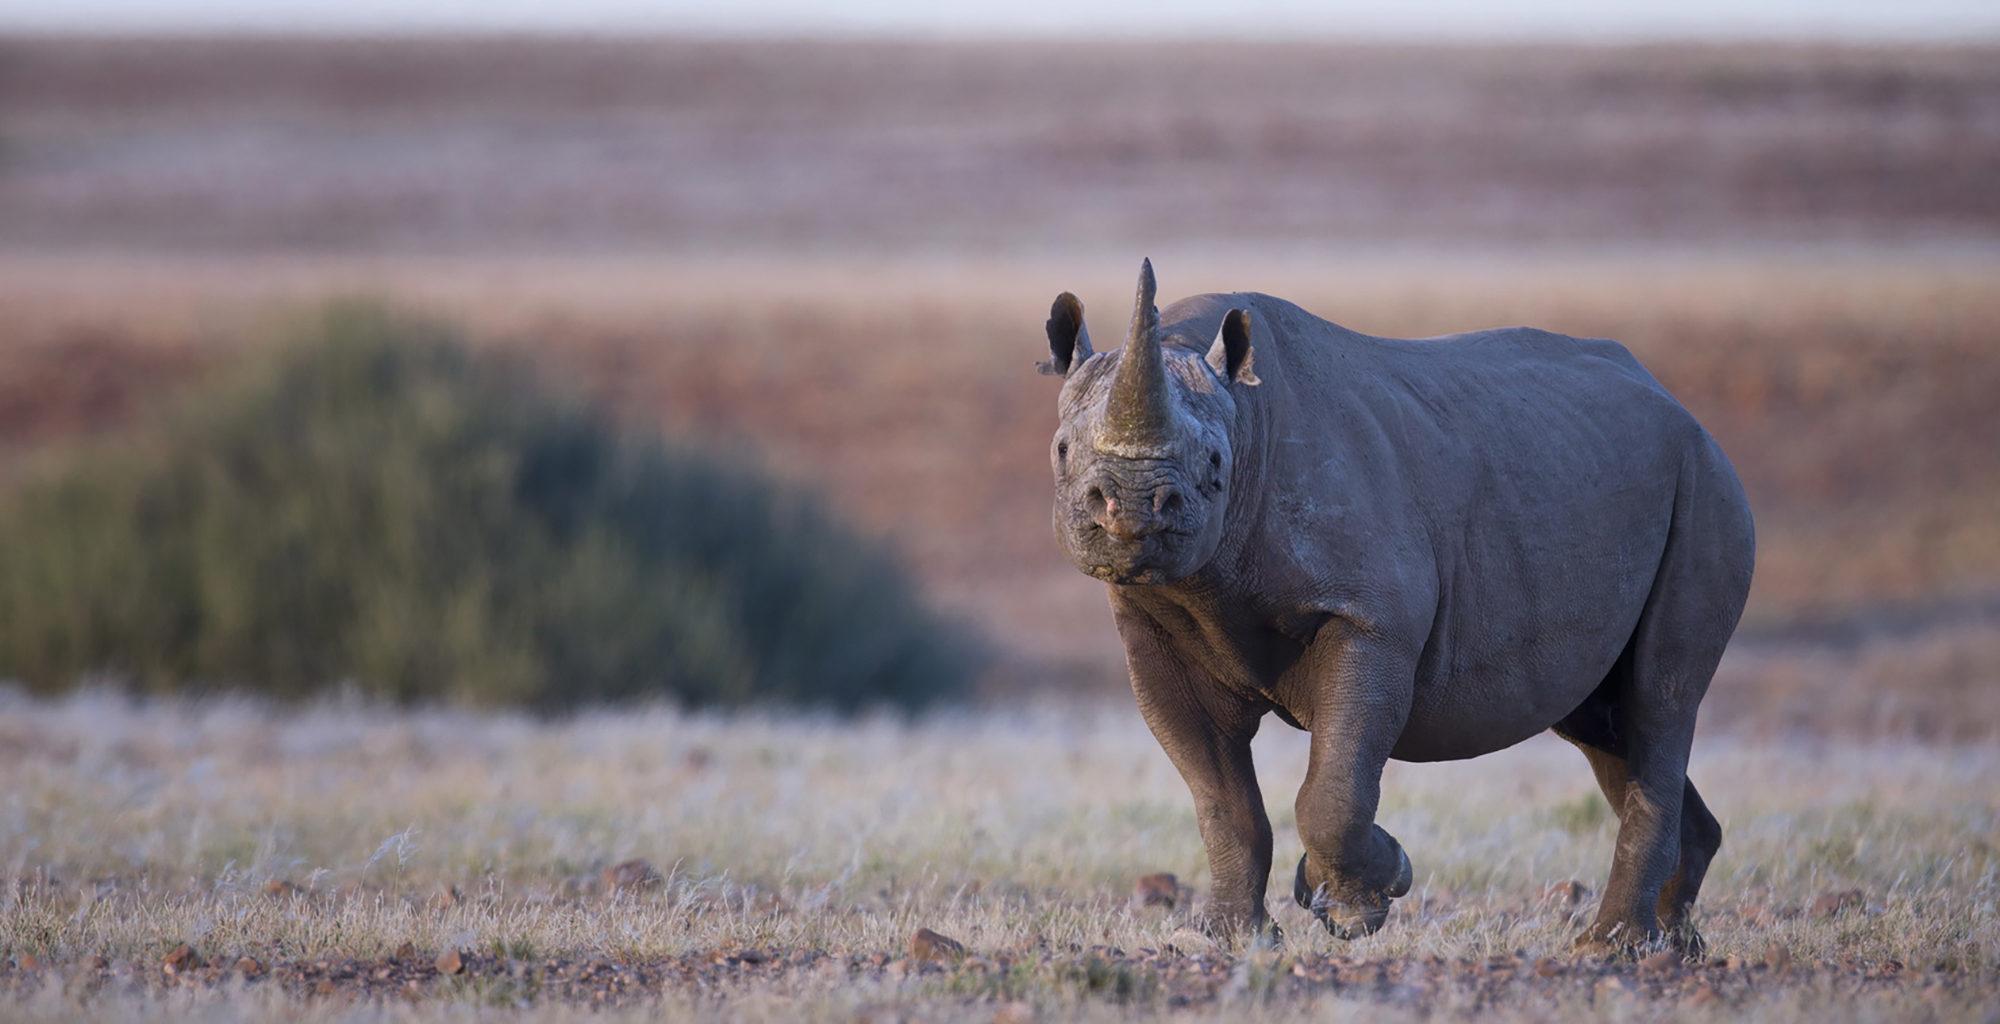 Namibia-Damaraland-Wildlife-Rhino